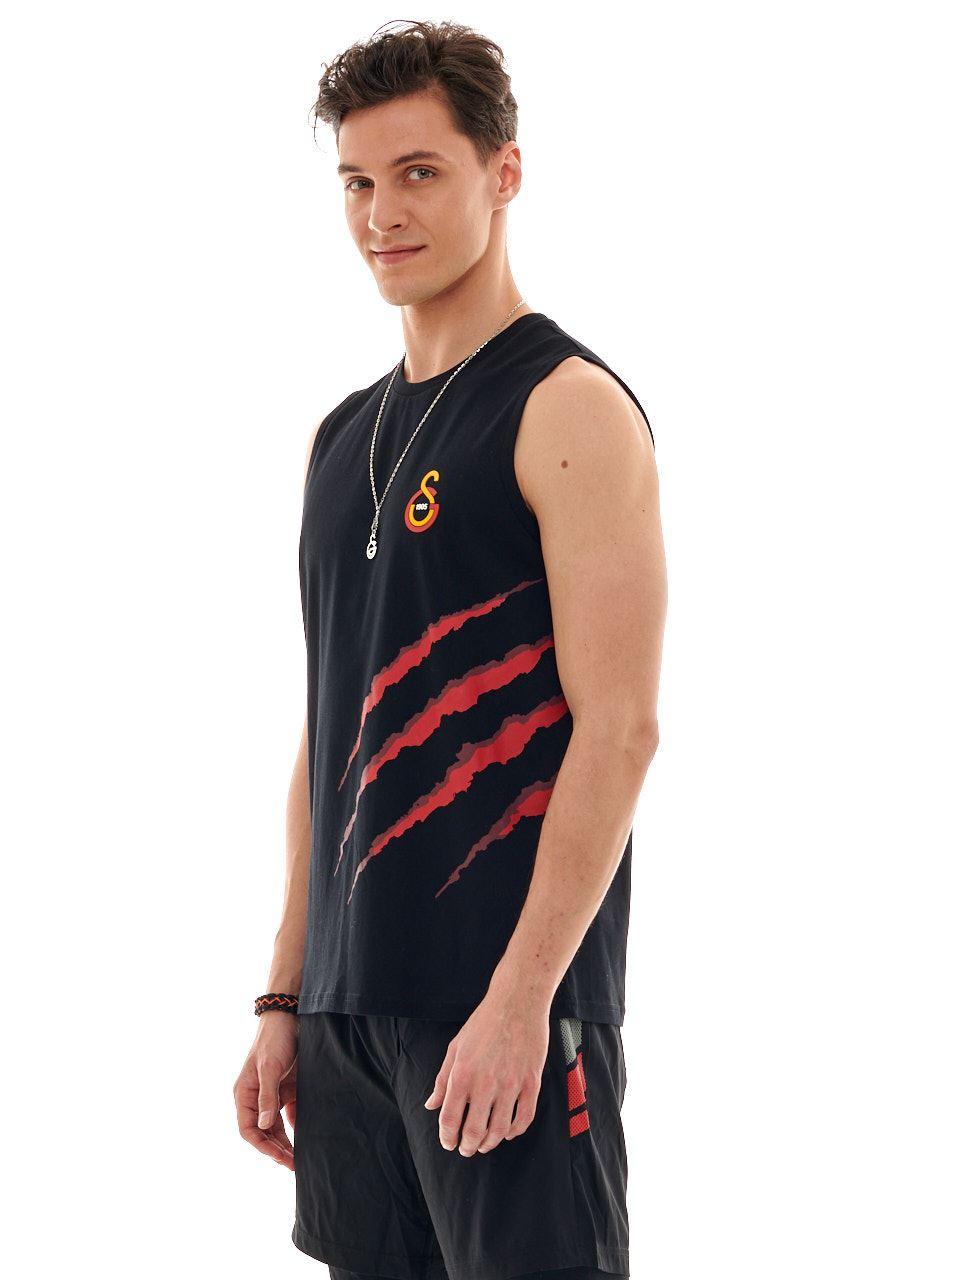 Galatasaray Pençe Erkek Atlet  E211074